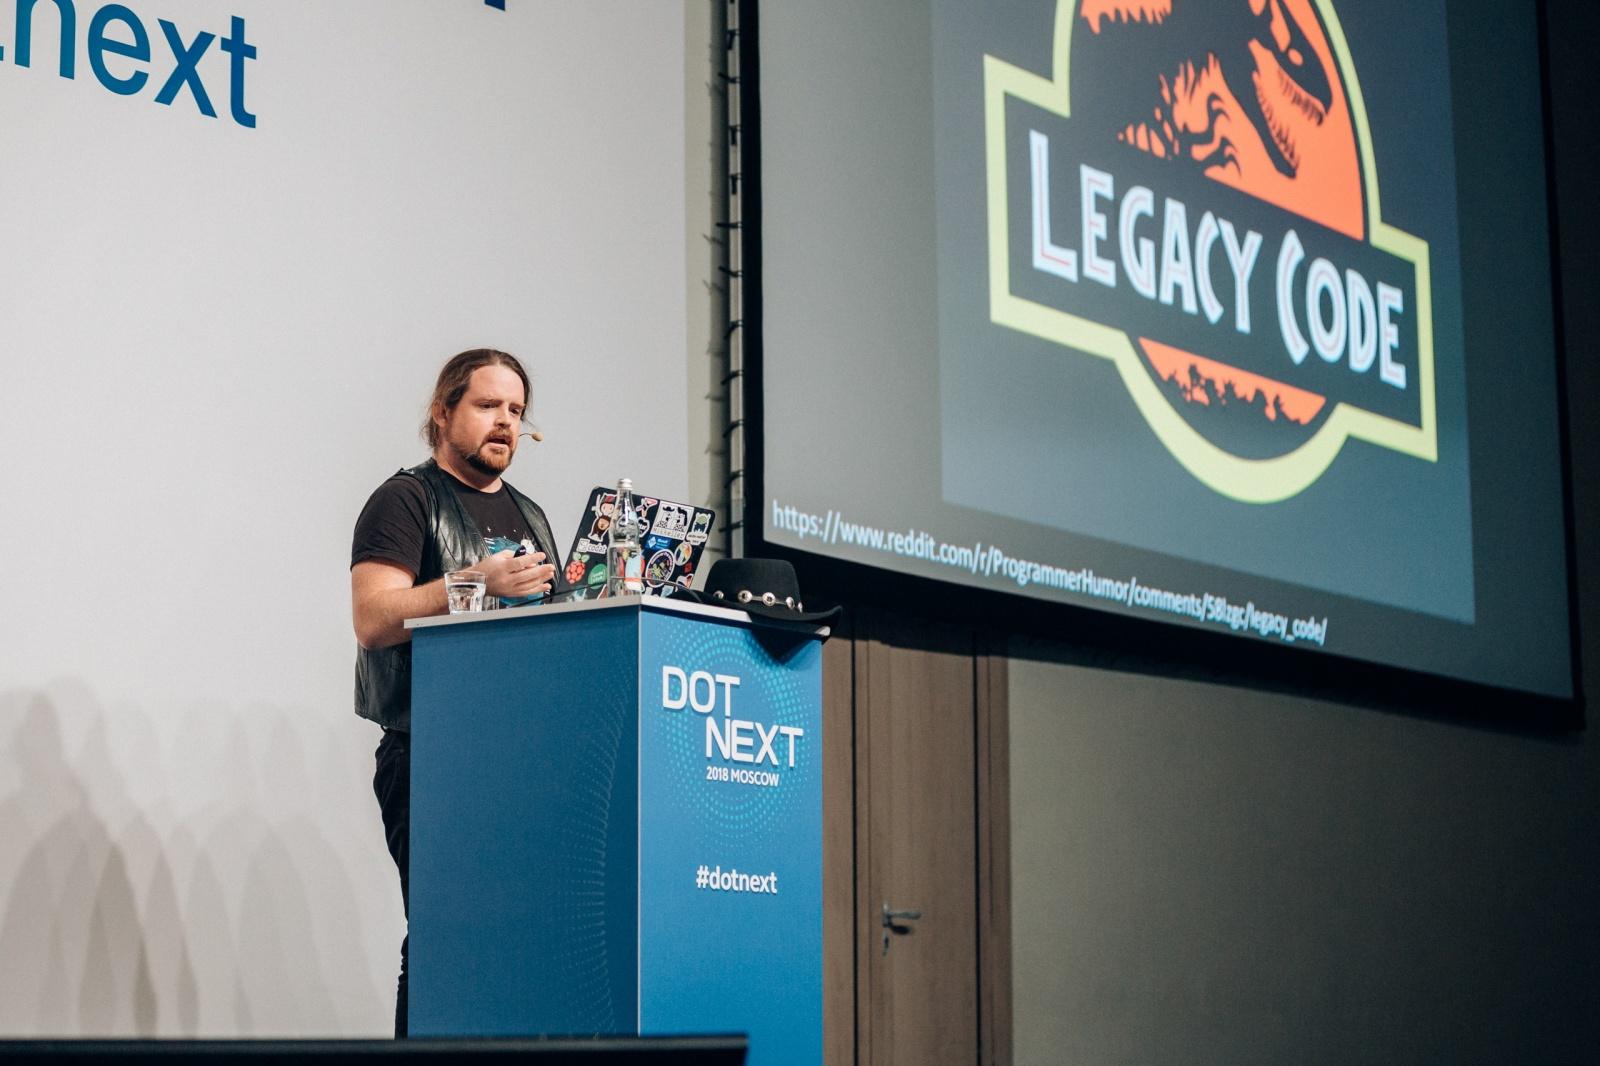 Ctrl-Alt-Del: учимся любить легаси-код - 1